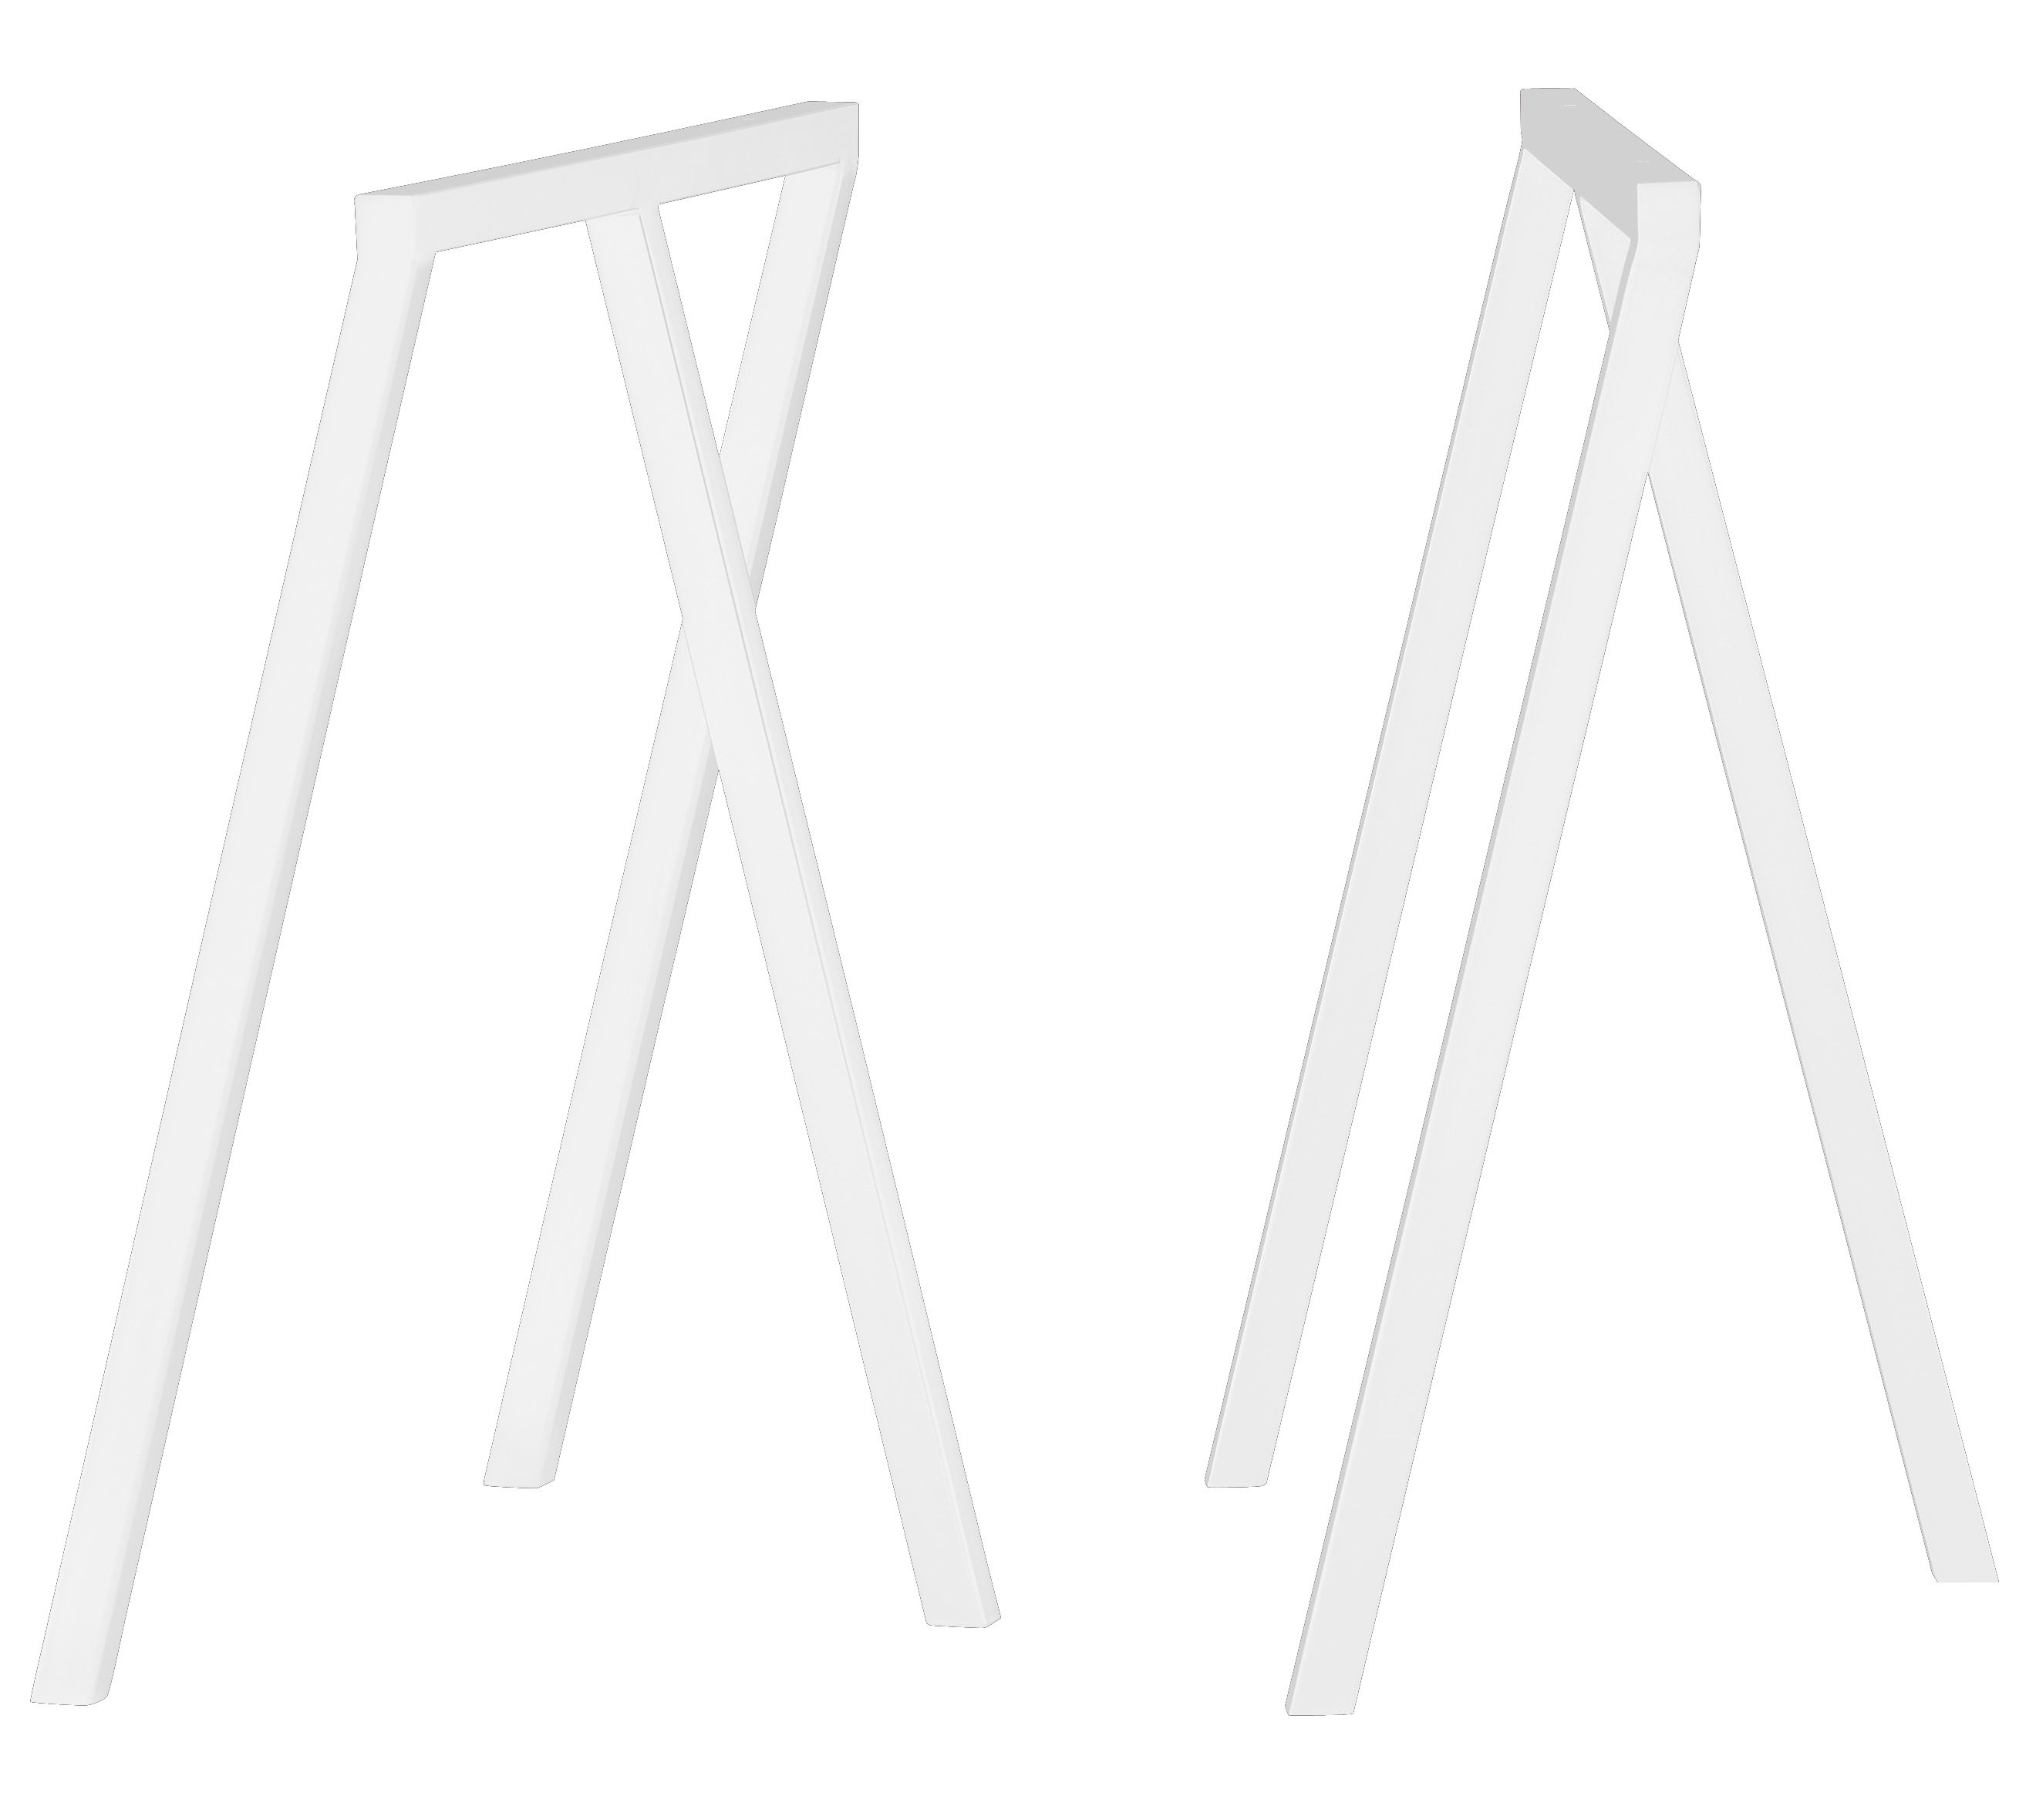 Arredamento - Mobili da ufficio - Coppia di cavaletti Loop di Hay - Bianco - Acciaio laccato